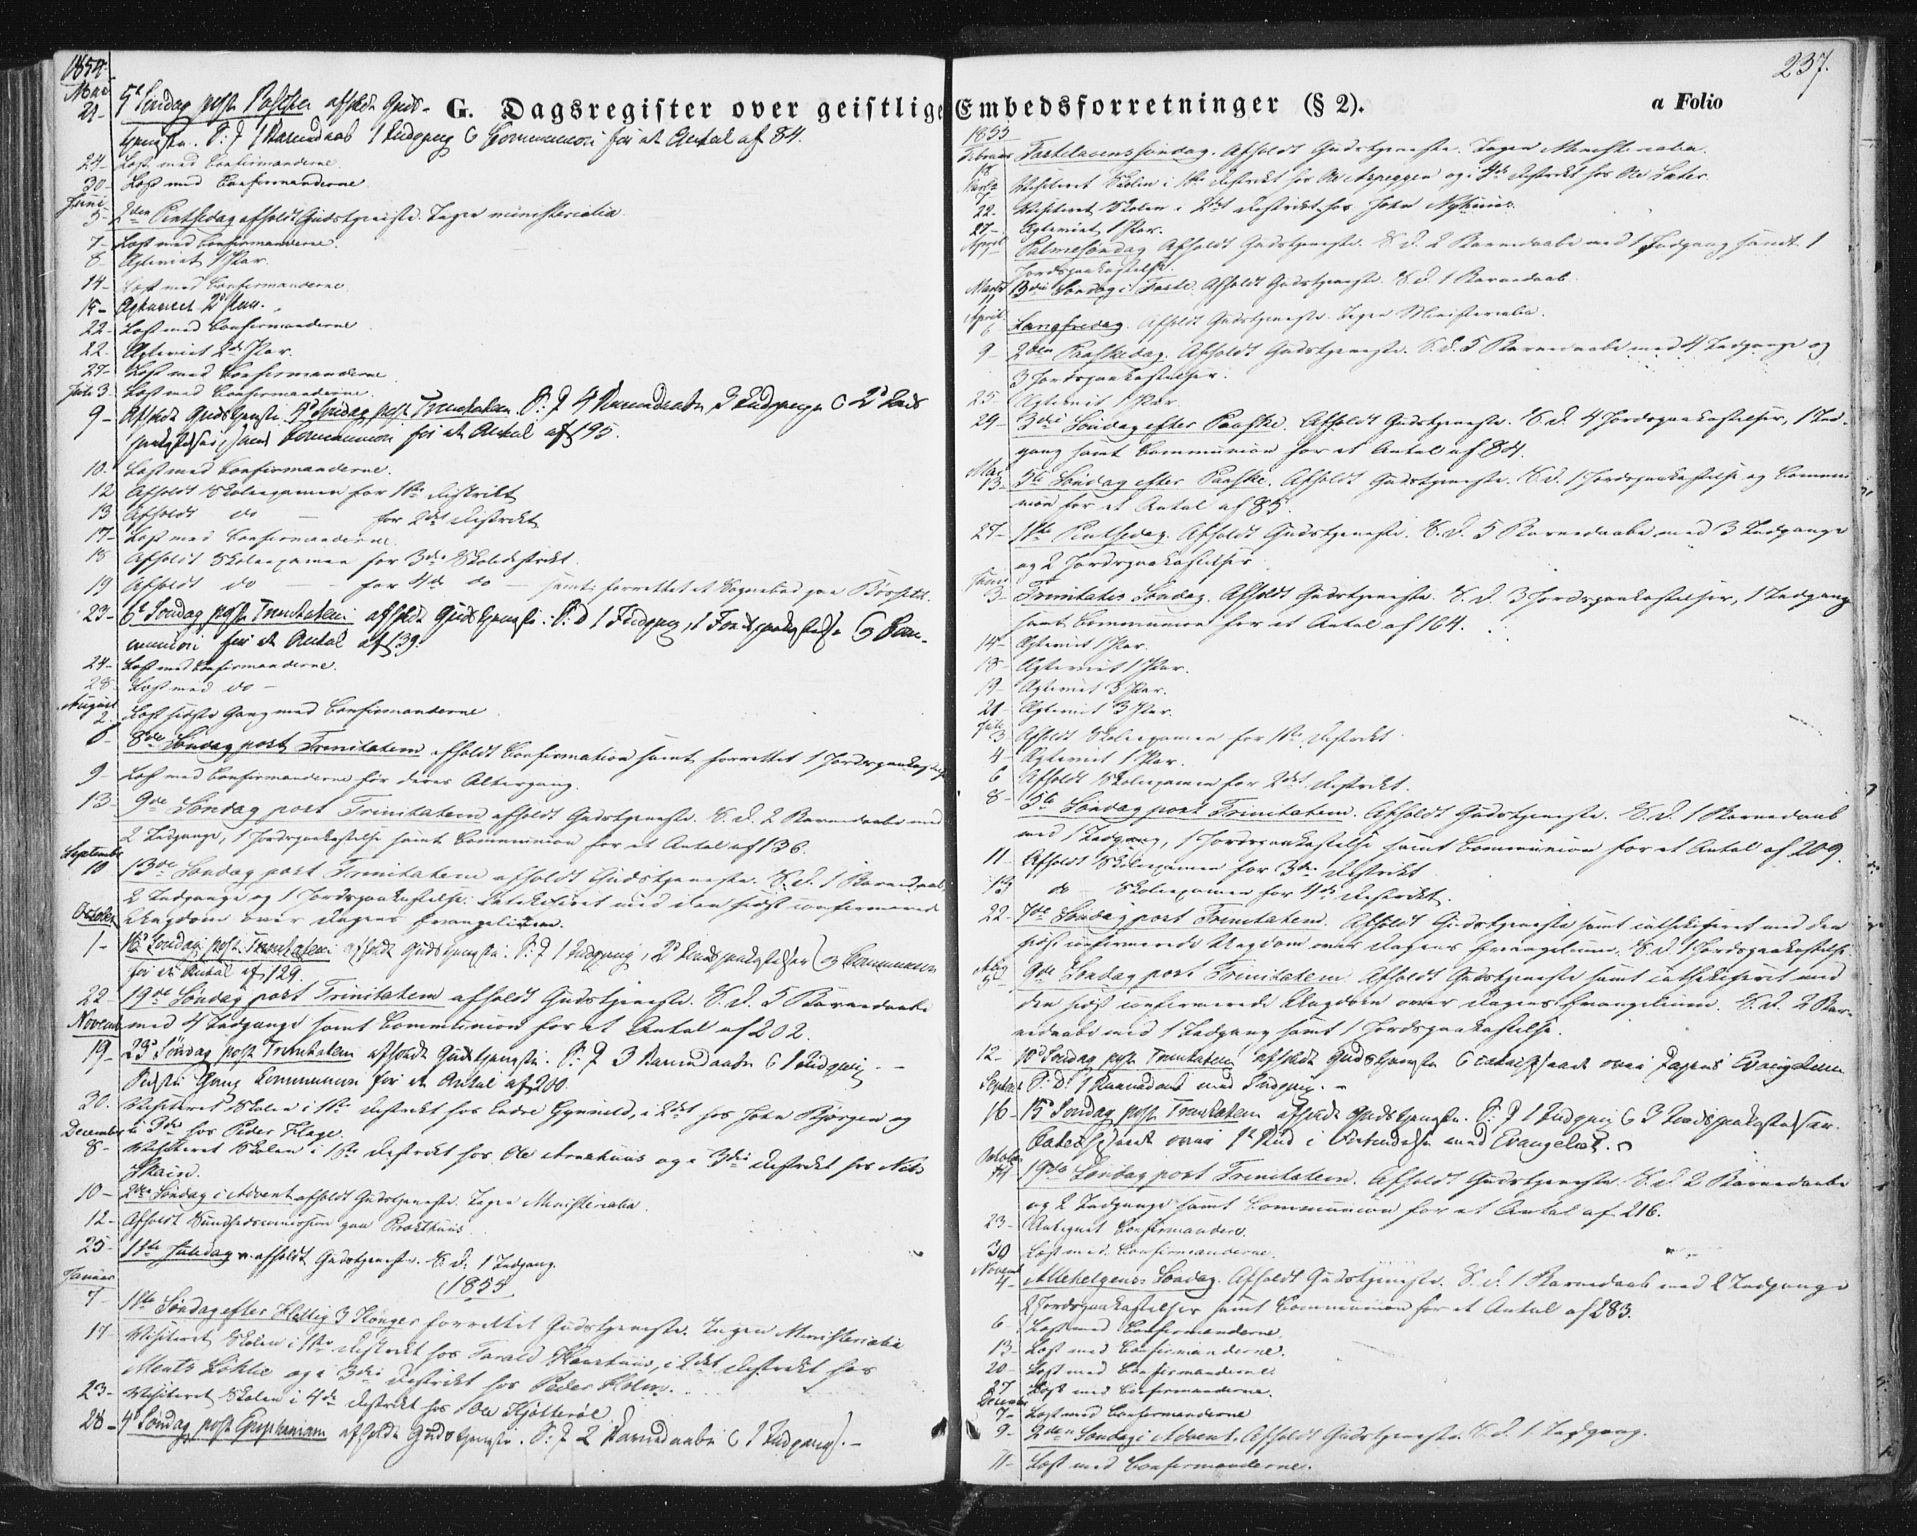 SAT, Ministerialprotokoller, klokkerbøker og fødselsregistre - Sør-Trøndelag, 689/L1038: Ministerialbok nr. 689A03, 1848-1872, s. 237